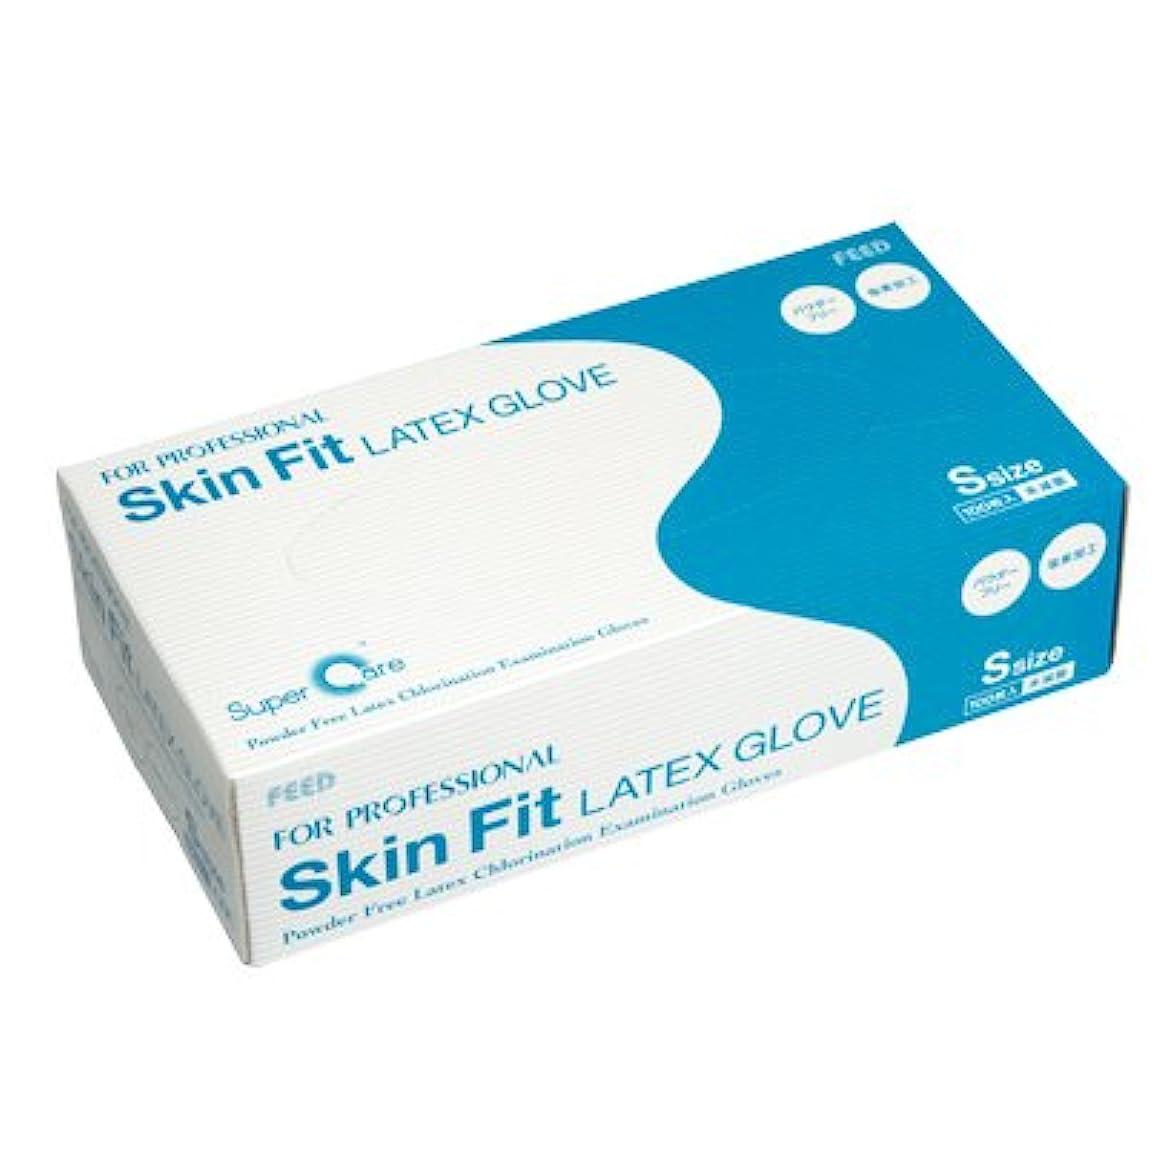 ブランク宿アジア人FEED(フィード) Skin Fit ラテックスグローブ パウダーフリー 塩素加工 S カートン(10ケース) (医療機器)